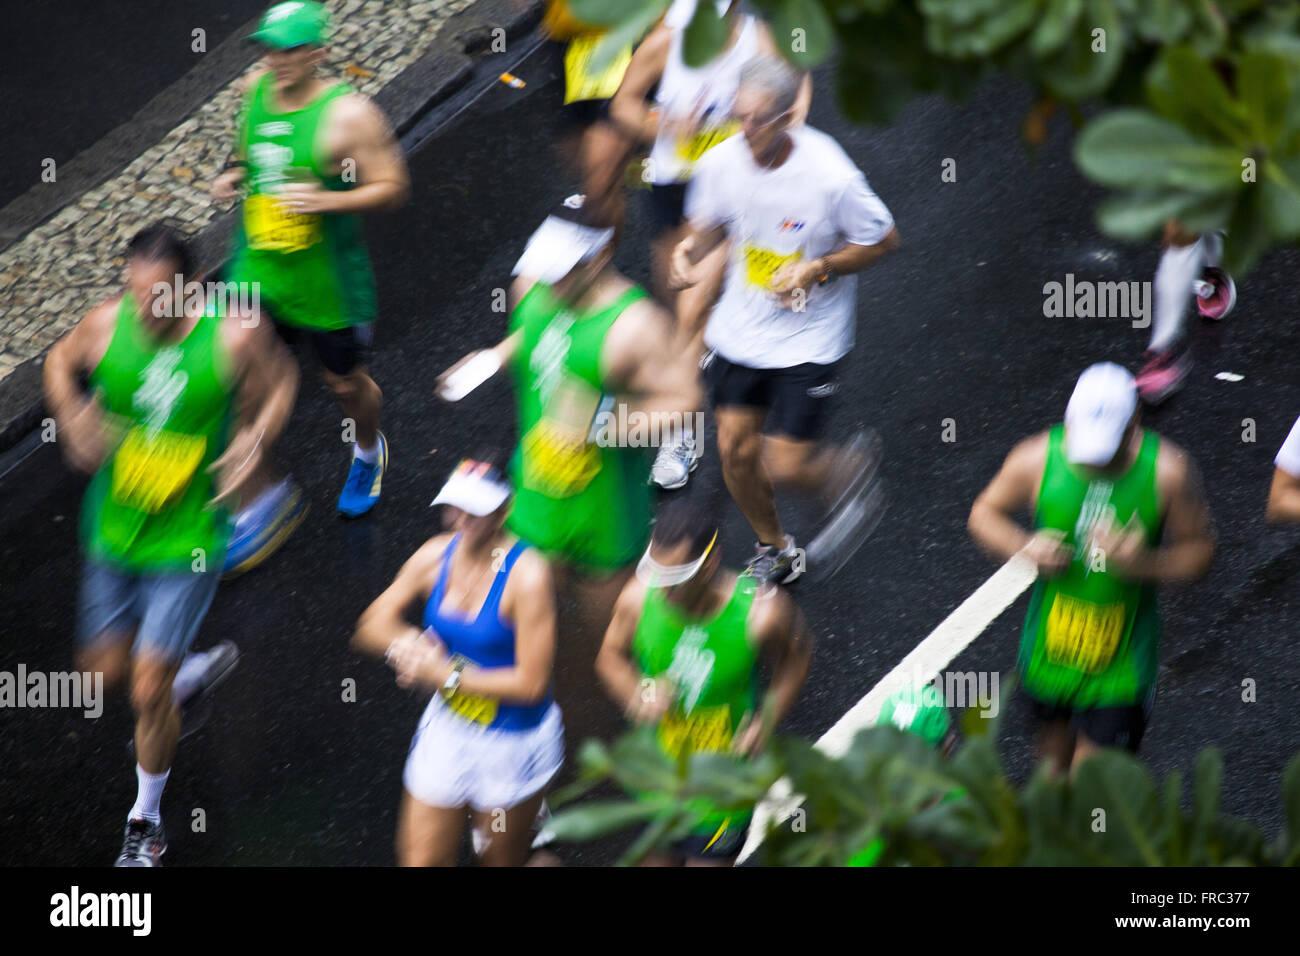 Vista dall'alto di atleti nella mezza maratona a Rio de Janeiro Ipanema Immagini Stock